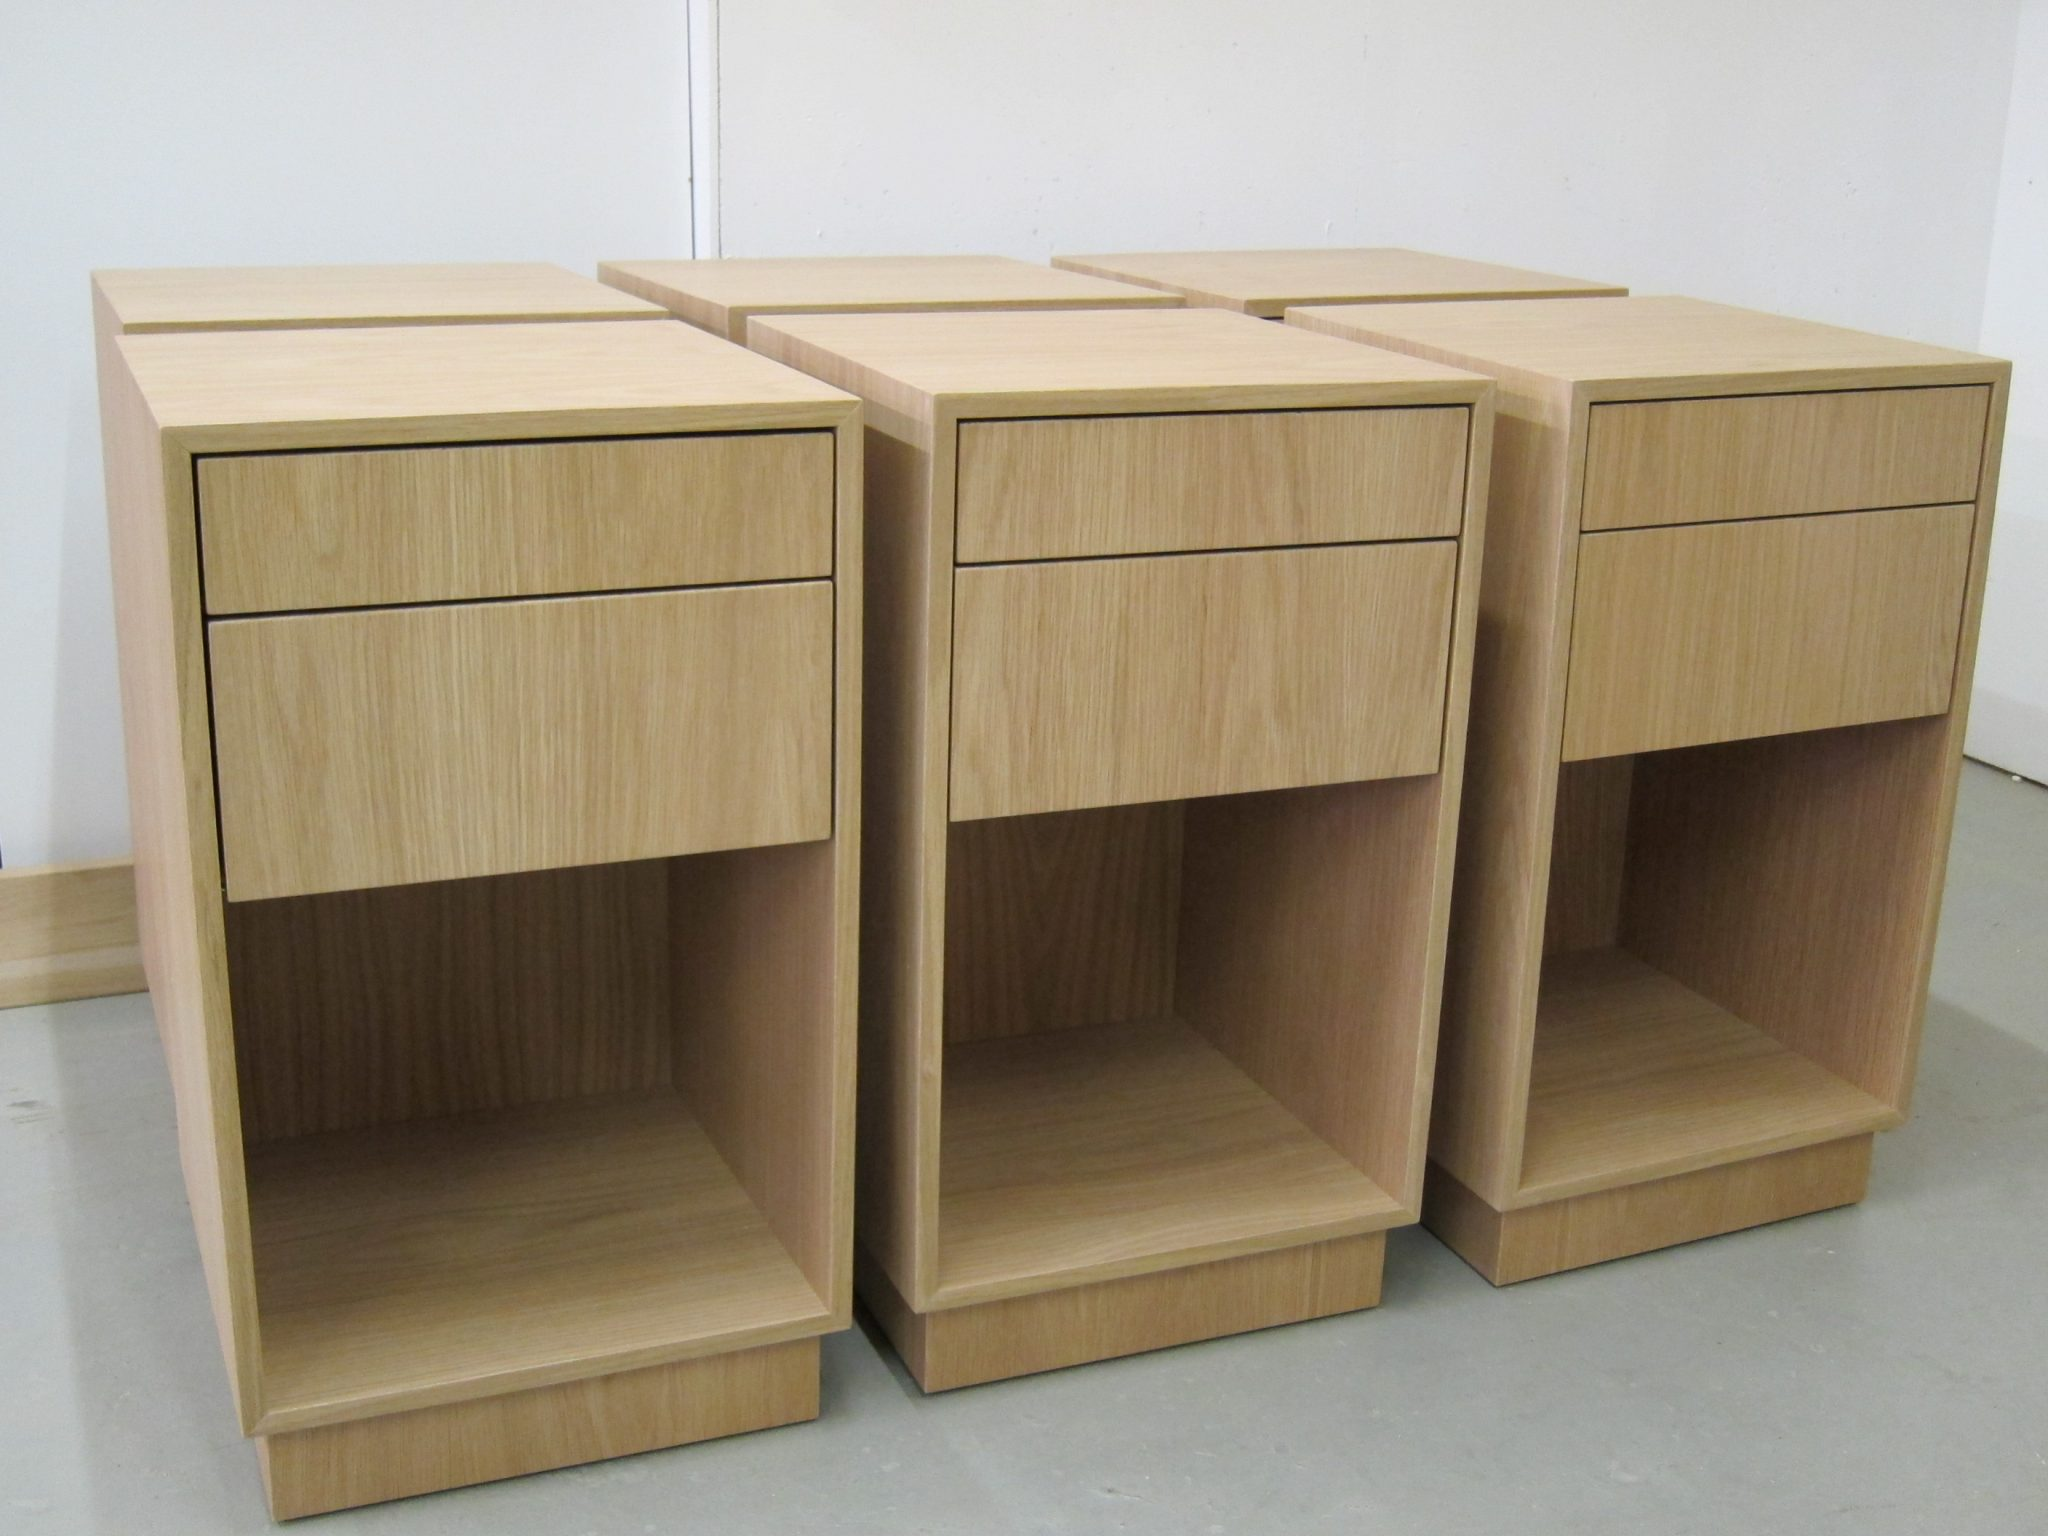 Kantoor inrichting vincent niekerk meubelmaker amsterdam for Meubelmaker amsterdam